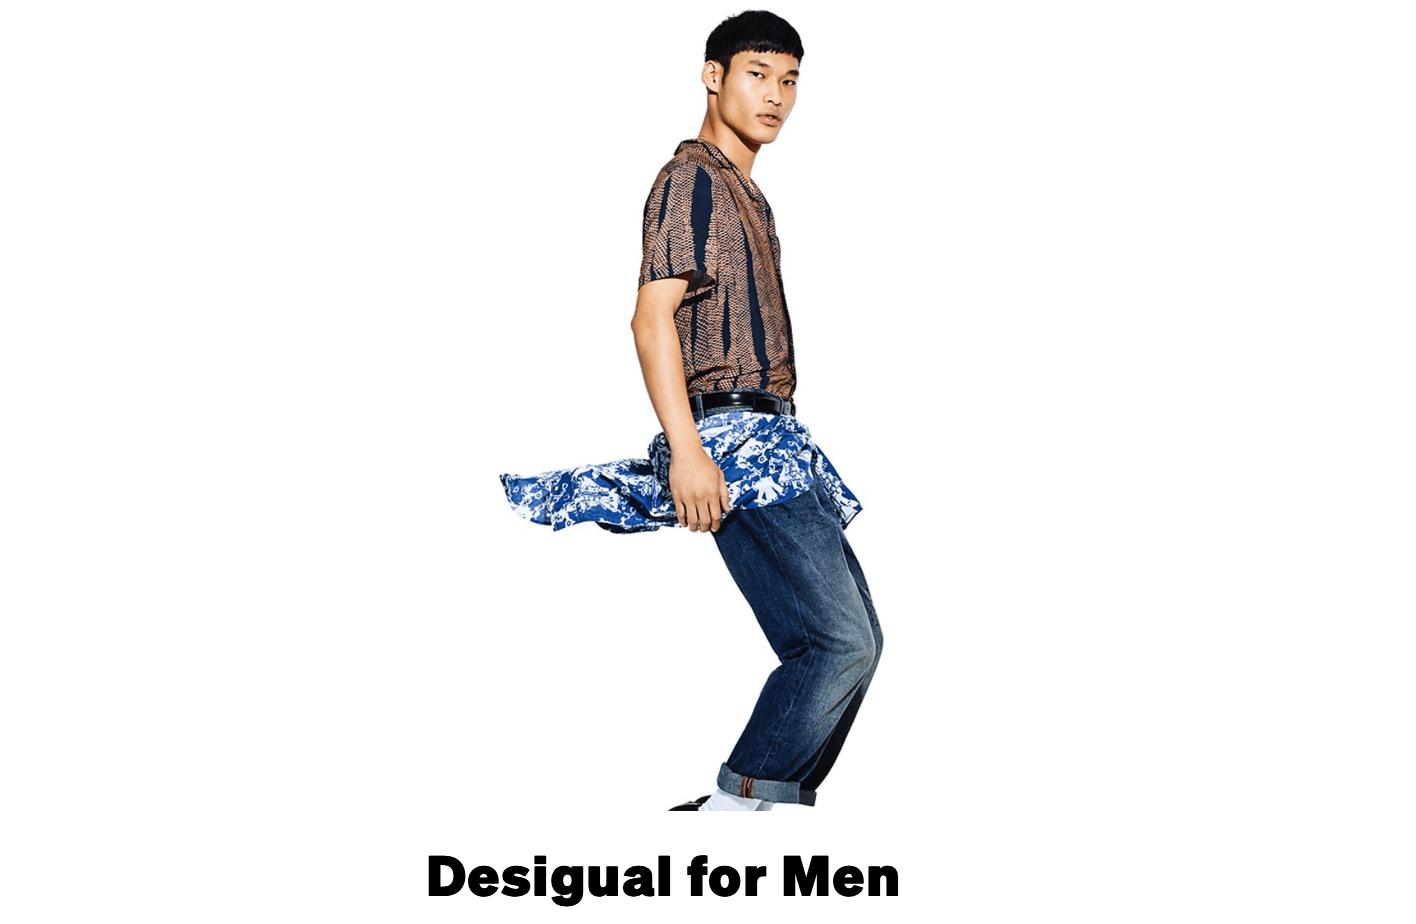 男性にも知っておいて頂きたいカジュアルブランド